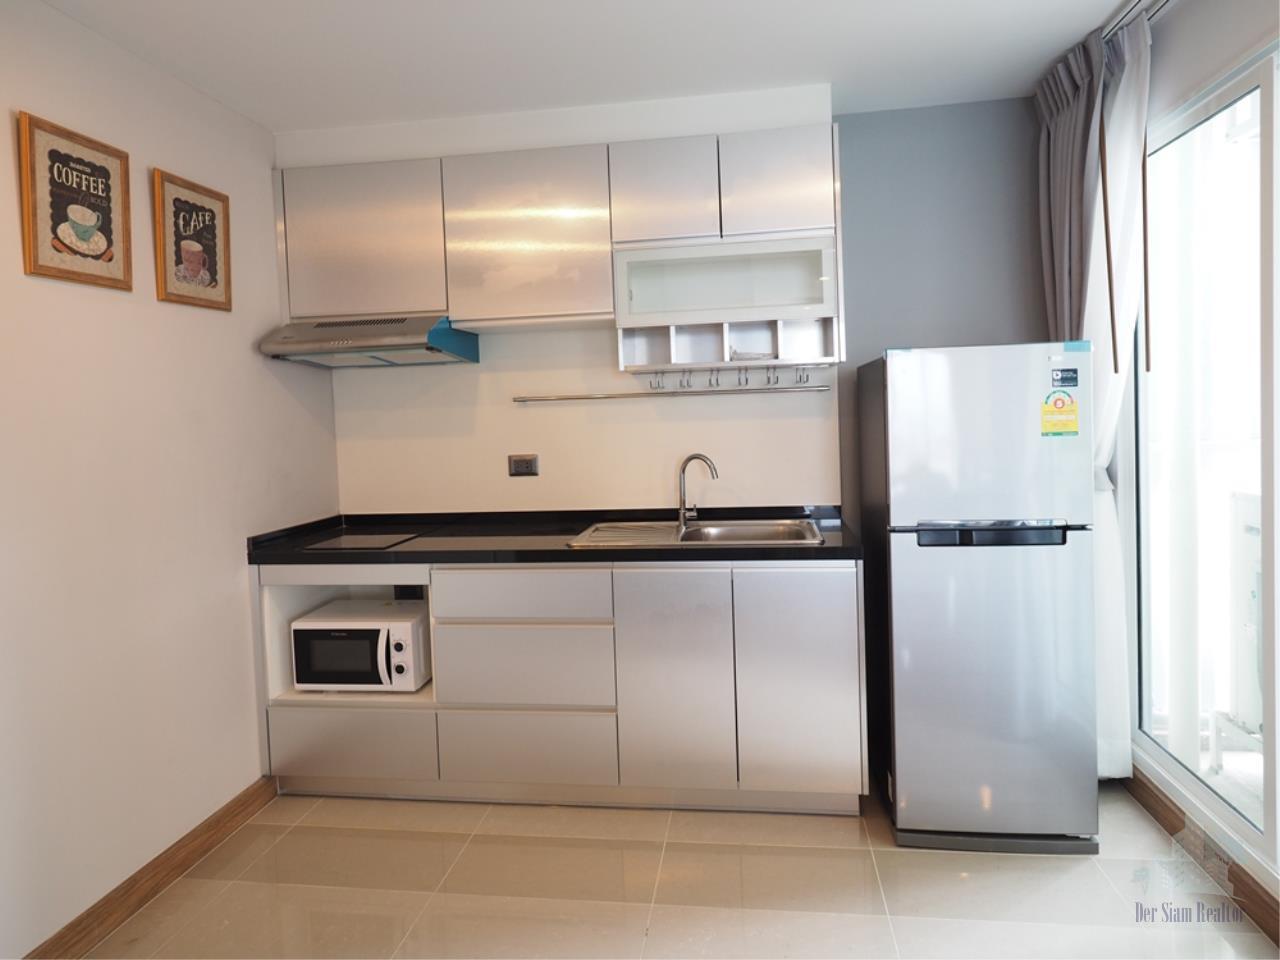 Smart Asset Management Agency's Best Unit!! For  Rent Supalai wellington 2 near MRT Thailand cultural centre /   2 bedroom 87.5 sq.m  6